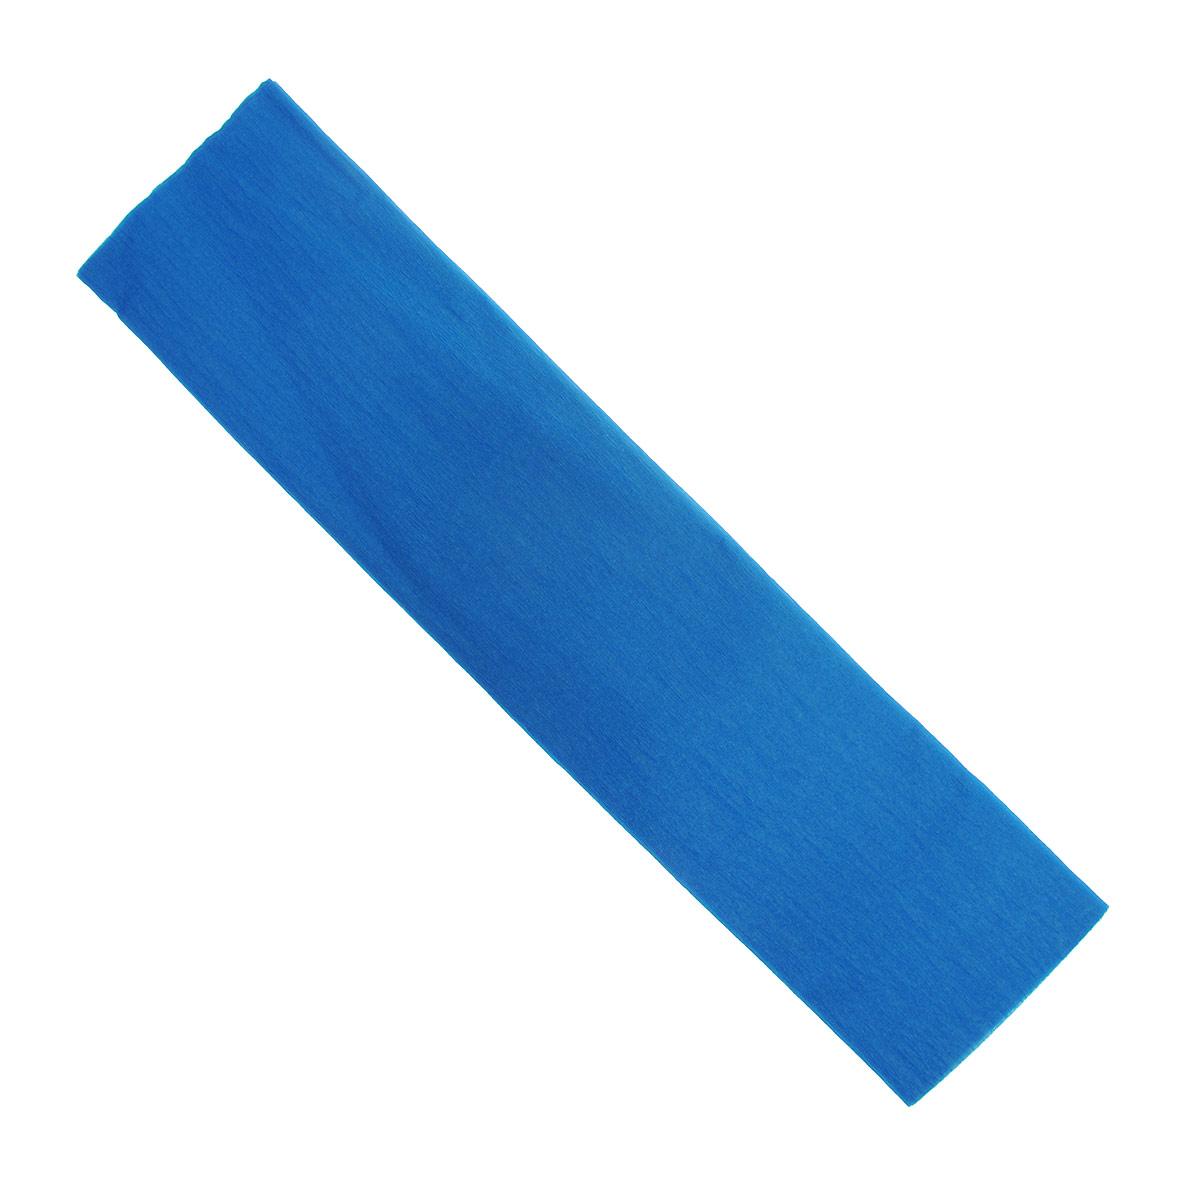 Крепированная бумага Hatber, флюоресцентная, цвет: синий, 5 см х 25 смБк2ф_00010Цветная флюоресцентная бумага Hatber - отличный вариант для развития творчества вашего ребенка. Бумага с фактурным покрытием очень гибкая и мягкая, из нее можно создавать чудесные аппликации, игрушки, подарки и объемные поделки. Цветная флюоресцентная бумага Hatber способствует развитию фантазии, цветовосприятия и мелкой моторики рук. Размер бумаги - 5 см х 25 см.